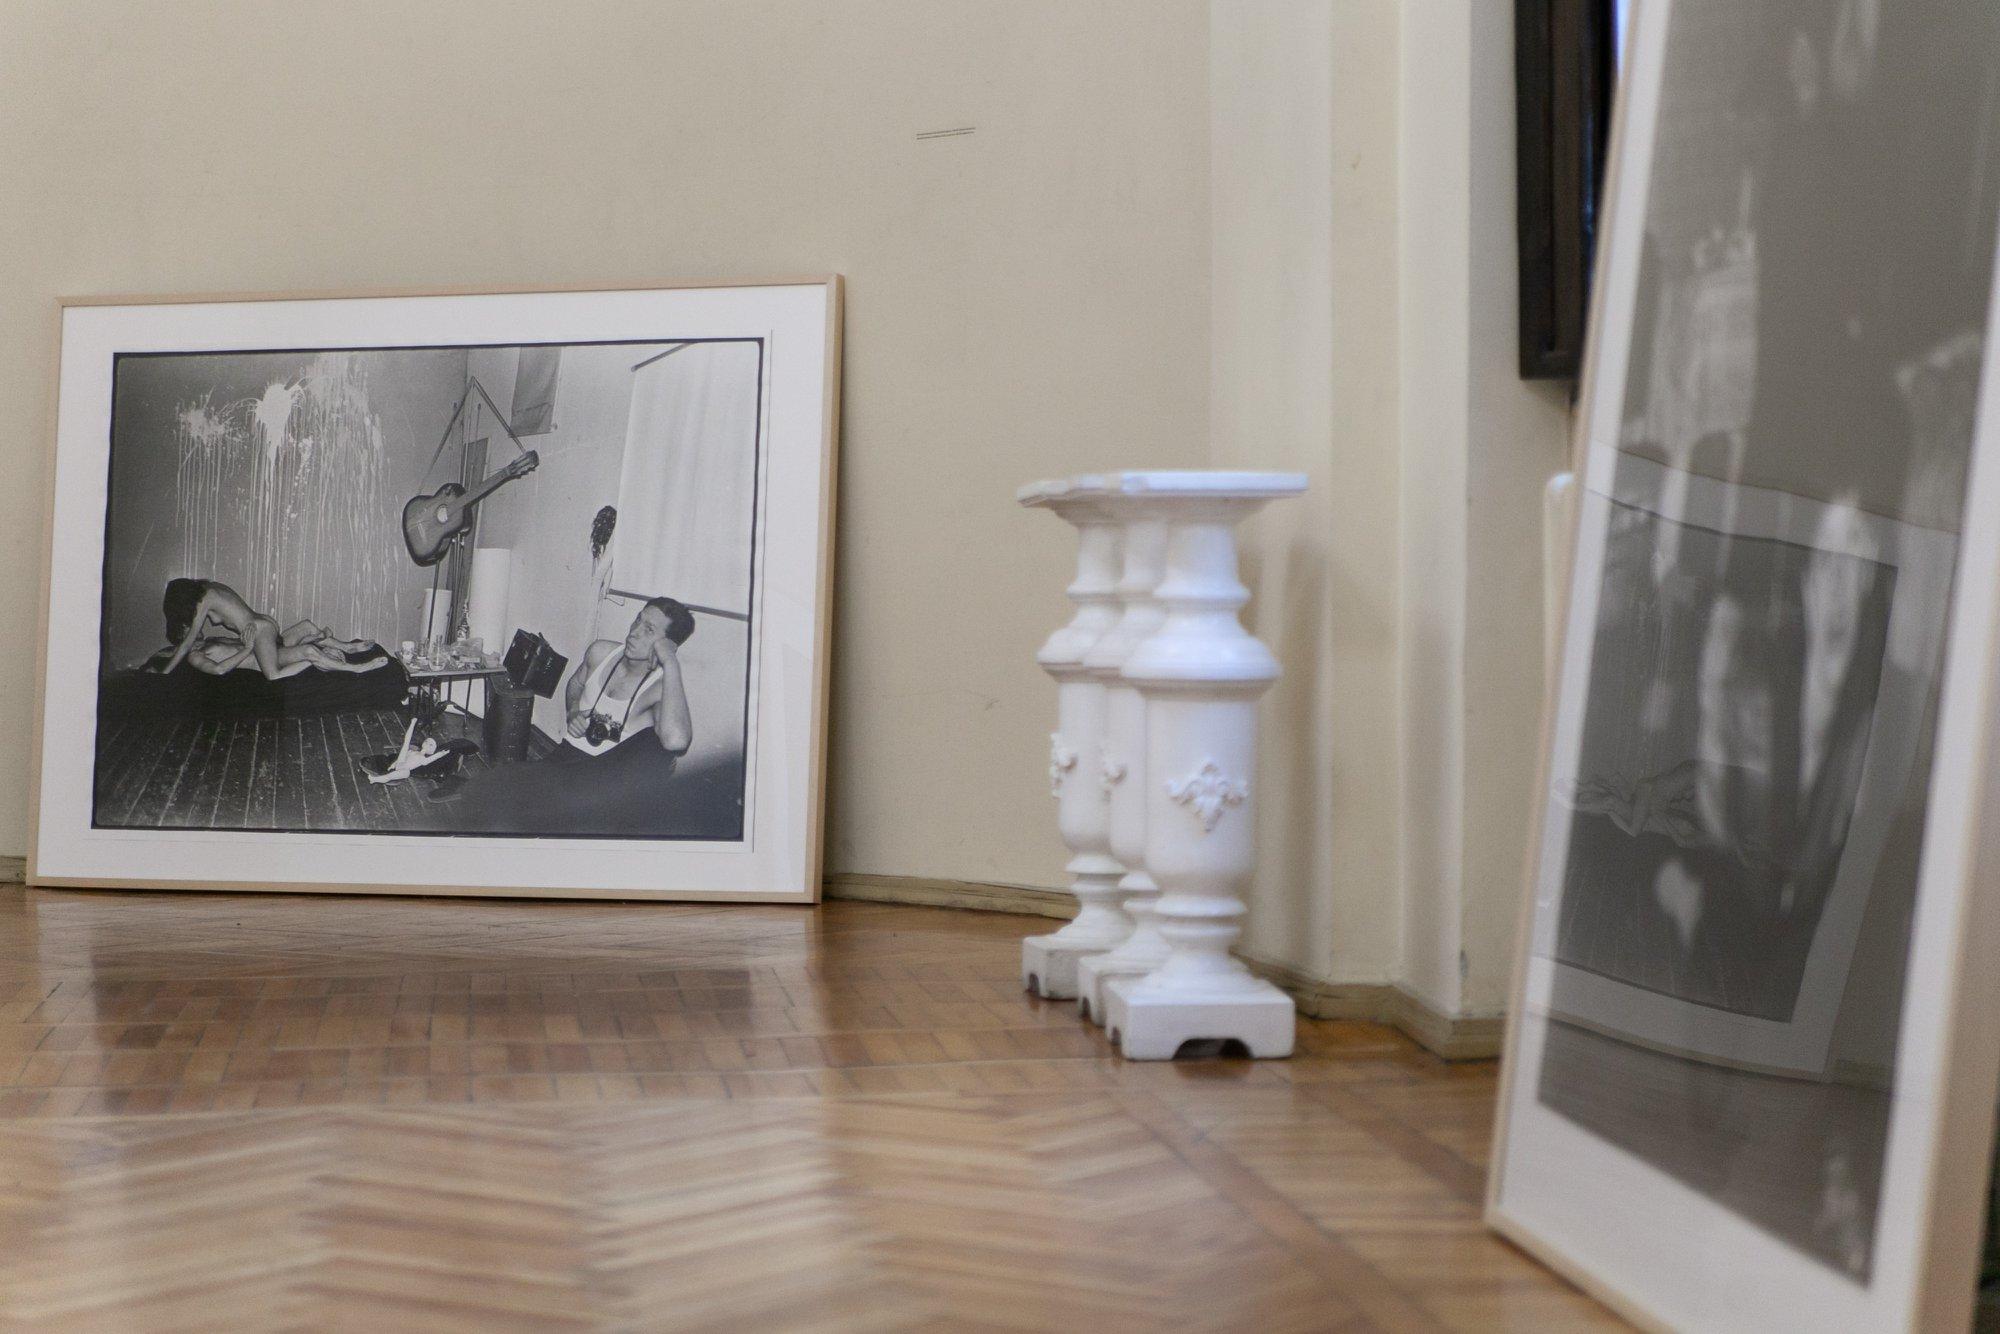 По следам Odesa Photo Days 2019: Харьковская школа фотографии. Транзит